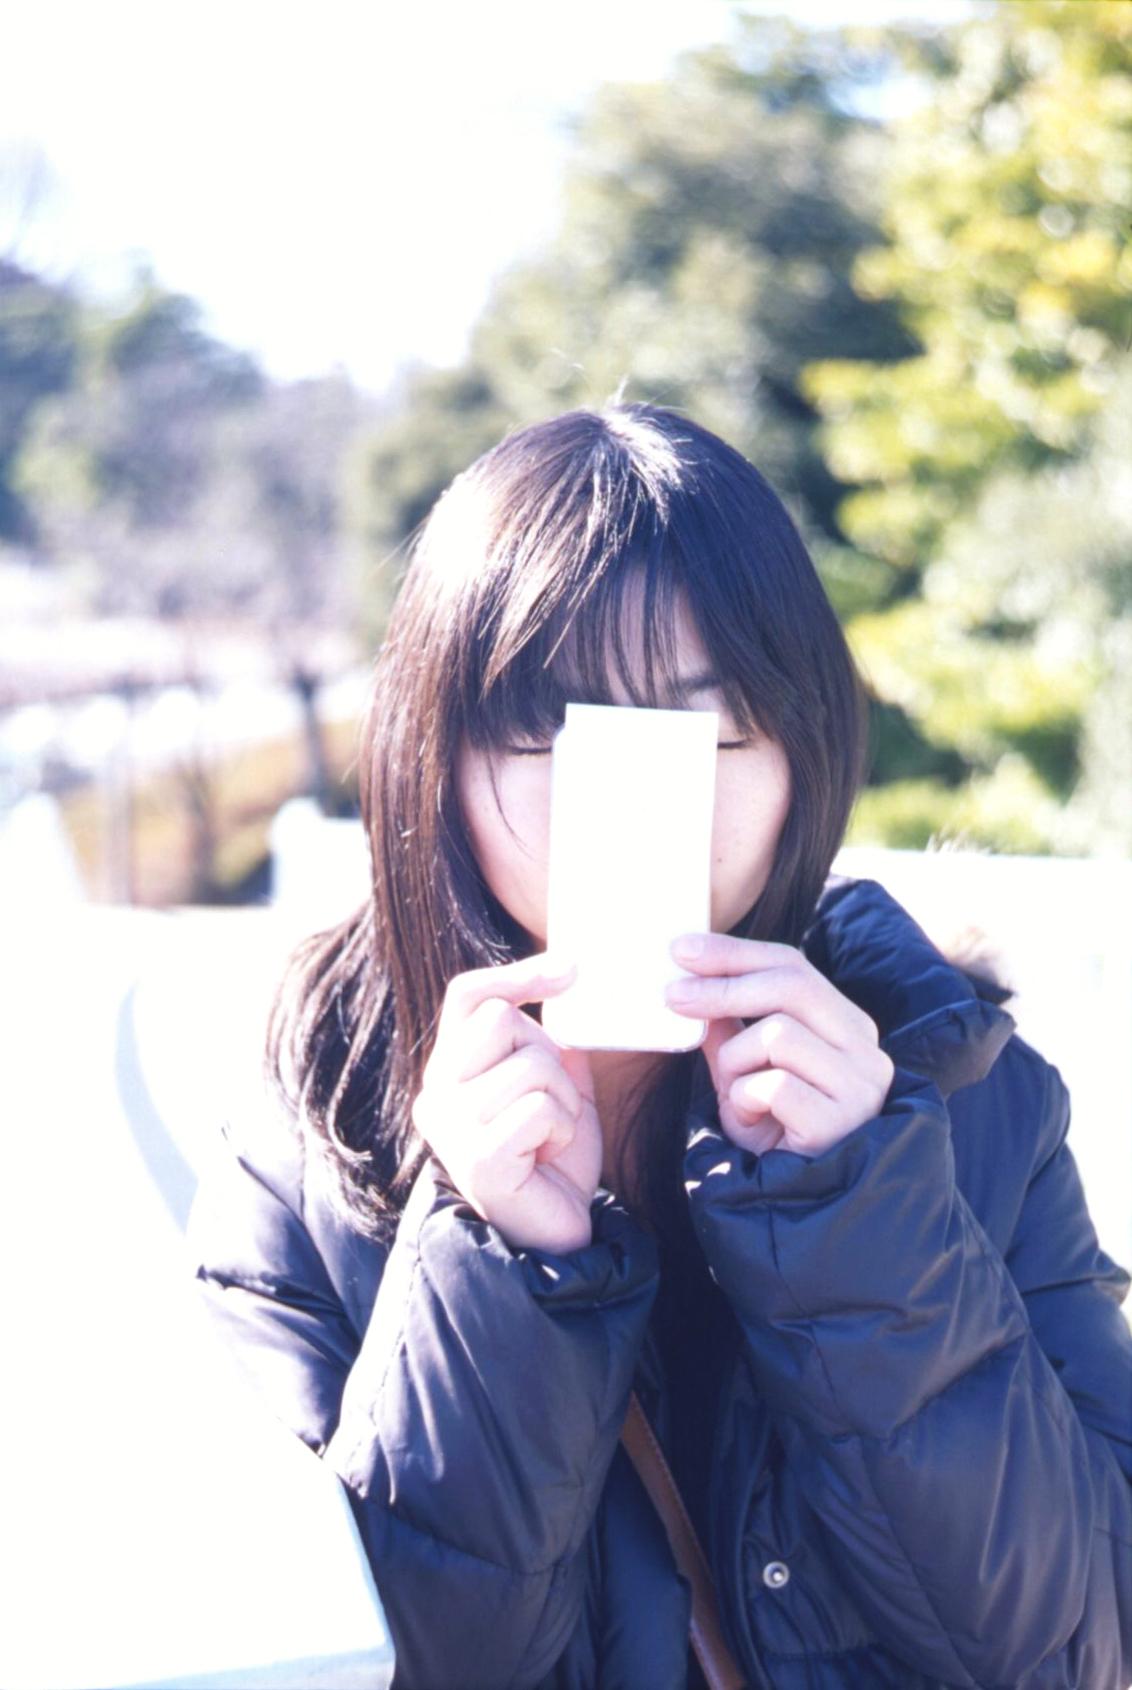 20140116 LeicaM4-P Summitar50 RDPⅢ 015